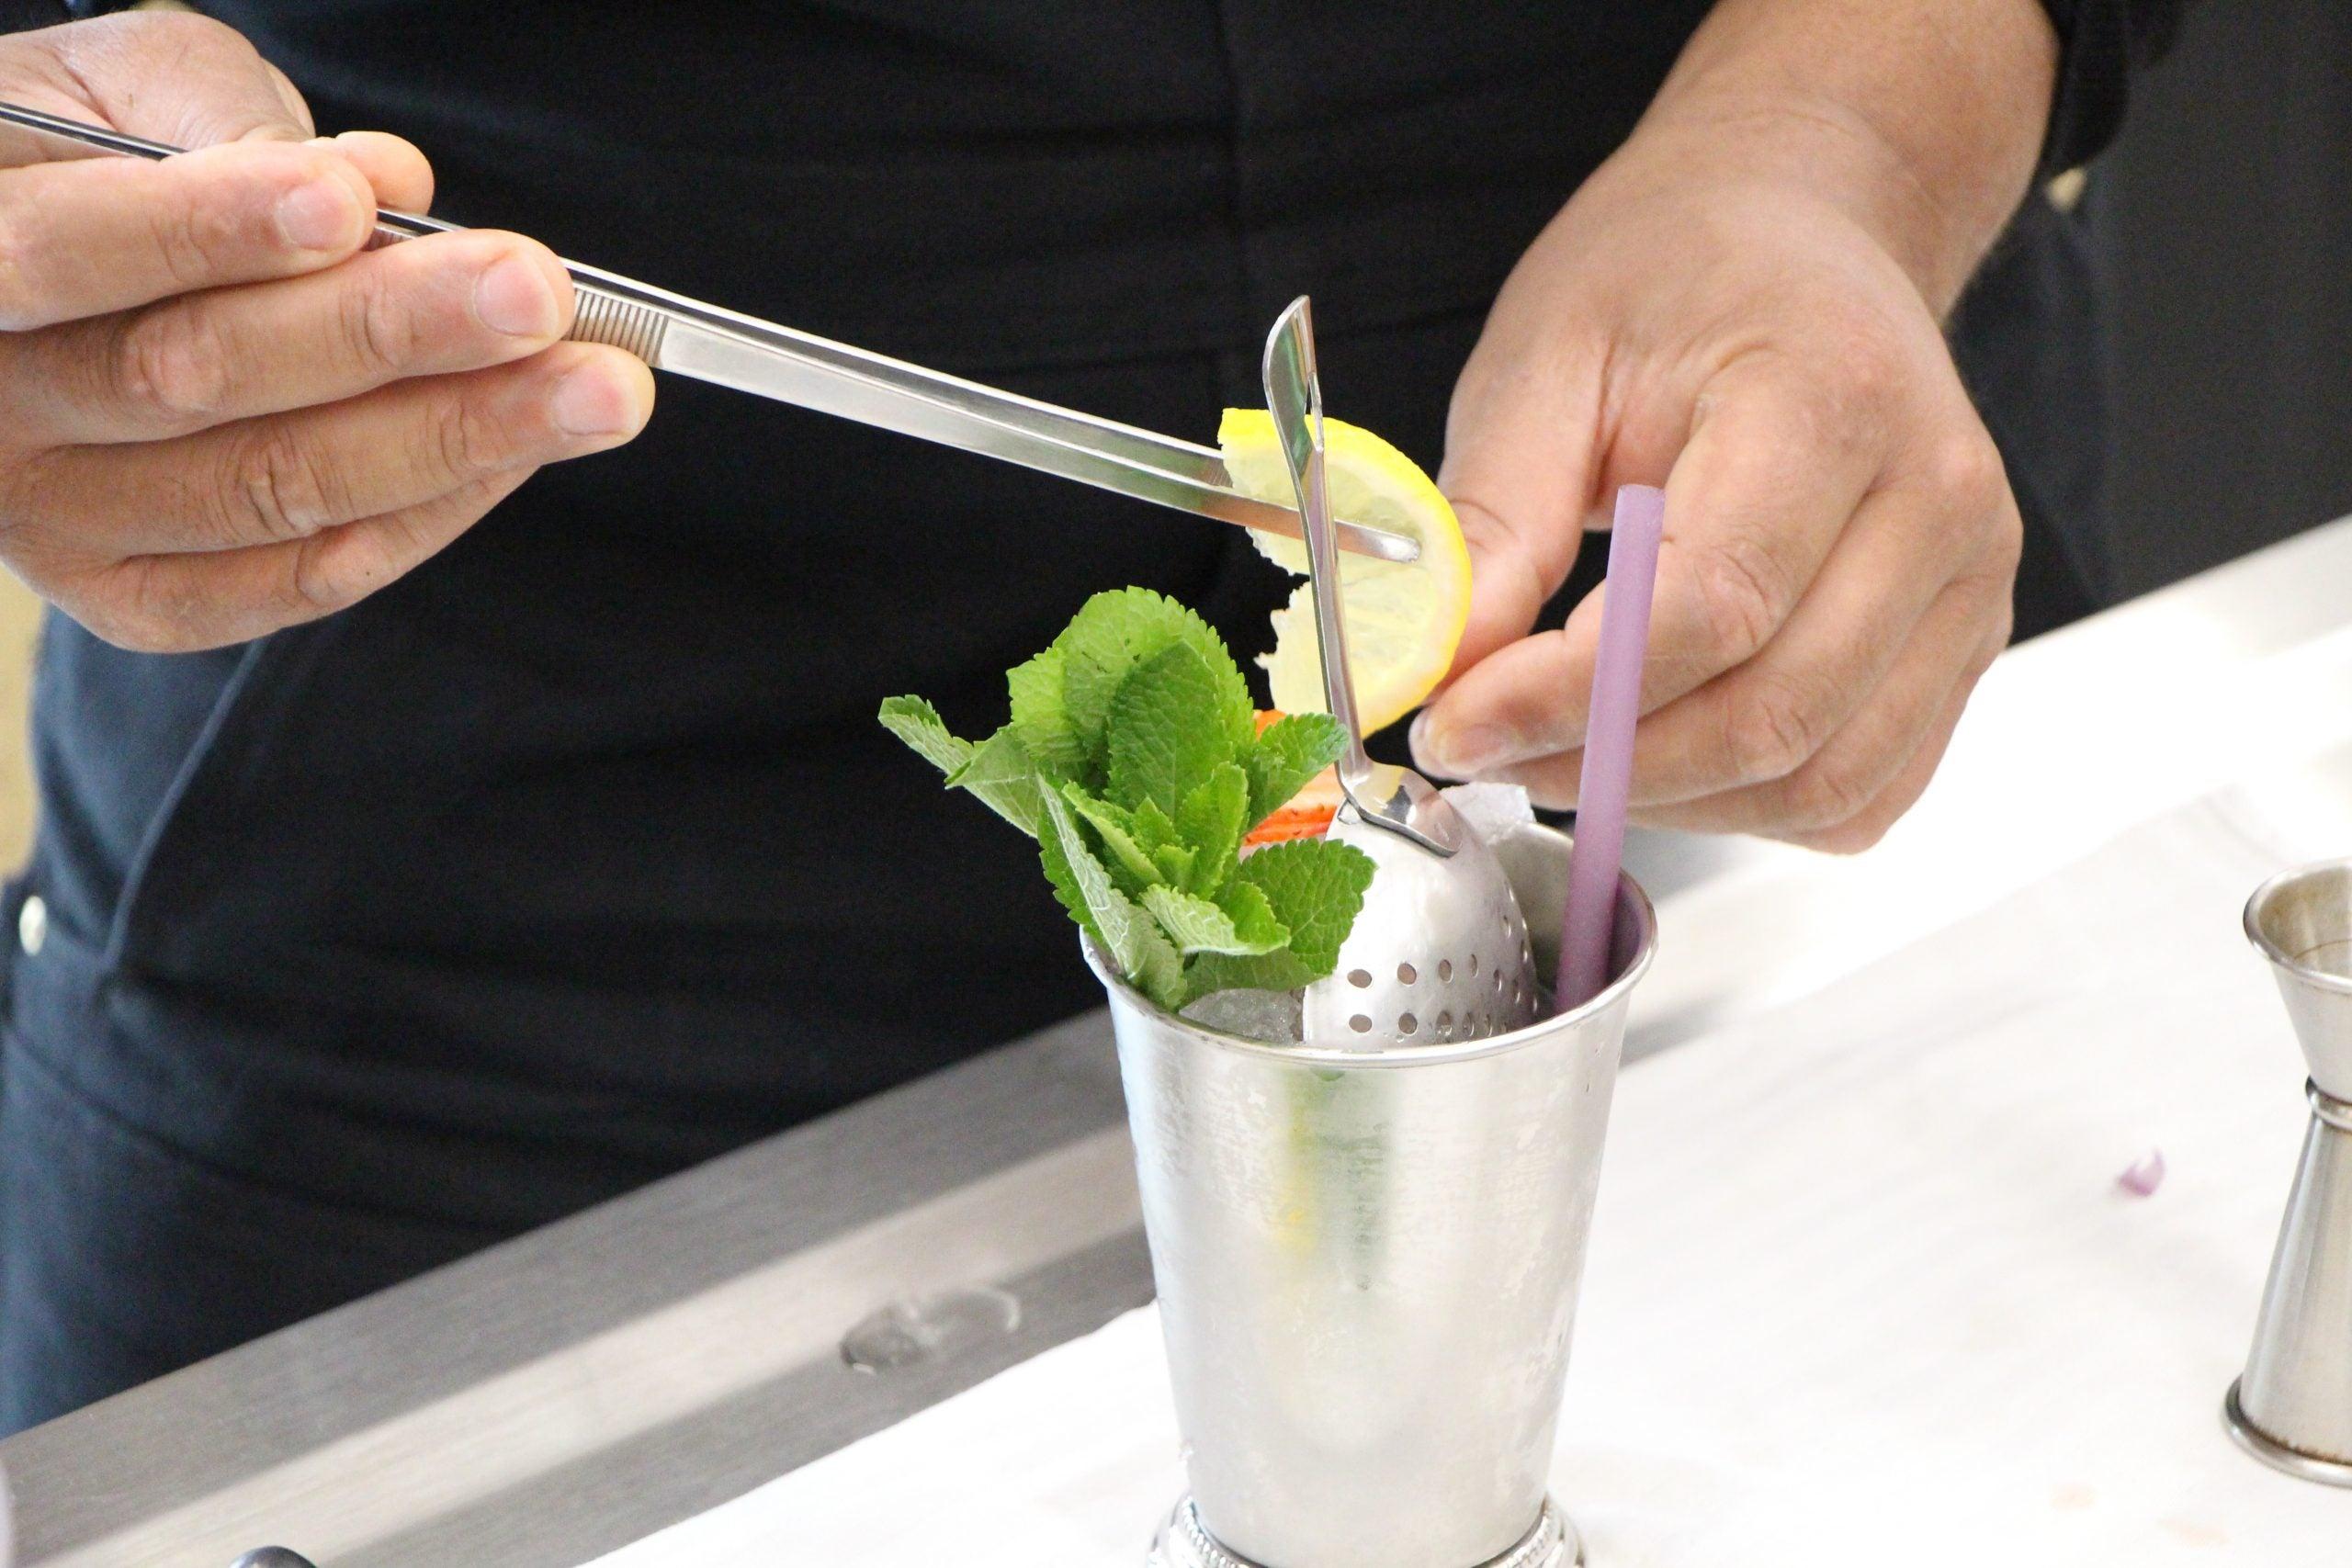 Recette de cocktail avec alcool : JAUNE LEMON